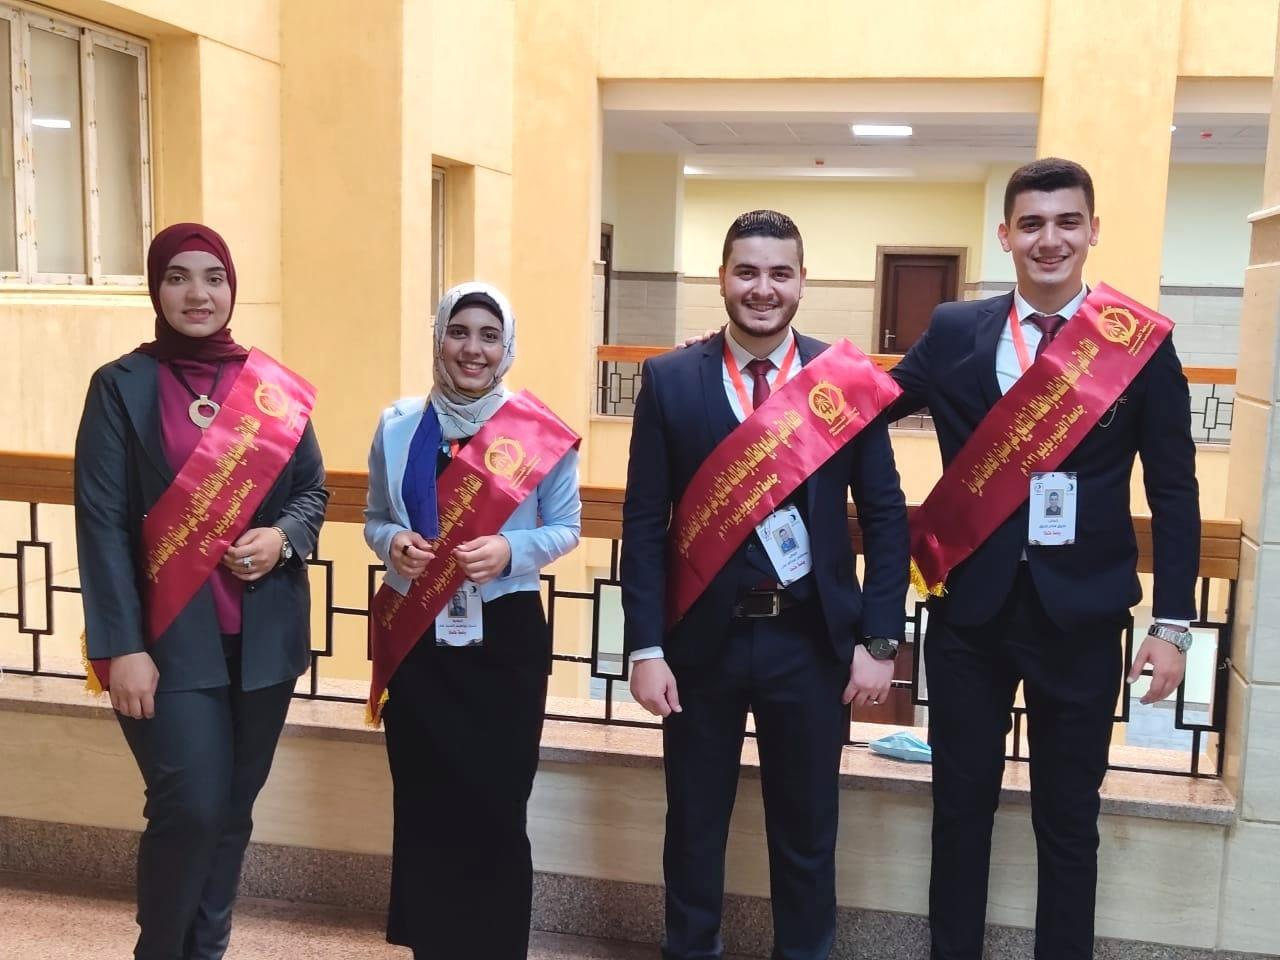 جامعة طنطا تشارك فى اللقاء القمي السابع للطالب والطالبة المثاليين على مستوي الجامعات المصرية